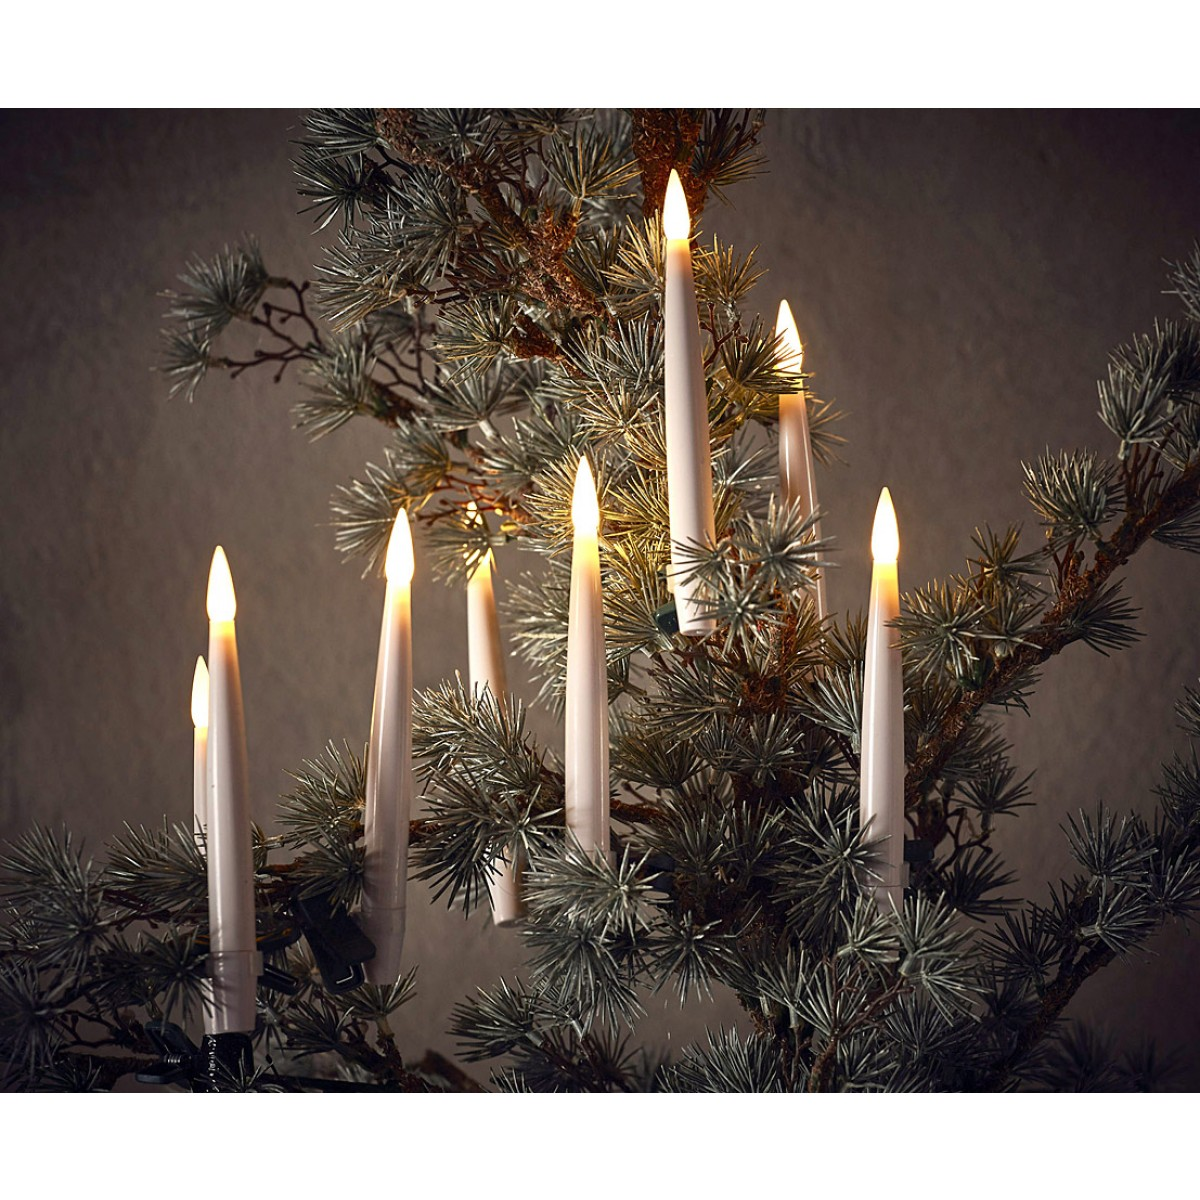 DA´CORE Juletræslys trådløs 10 stk